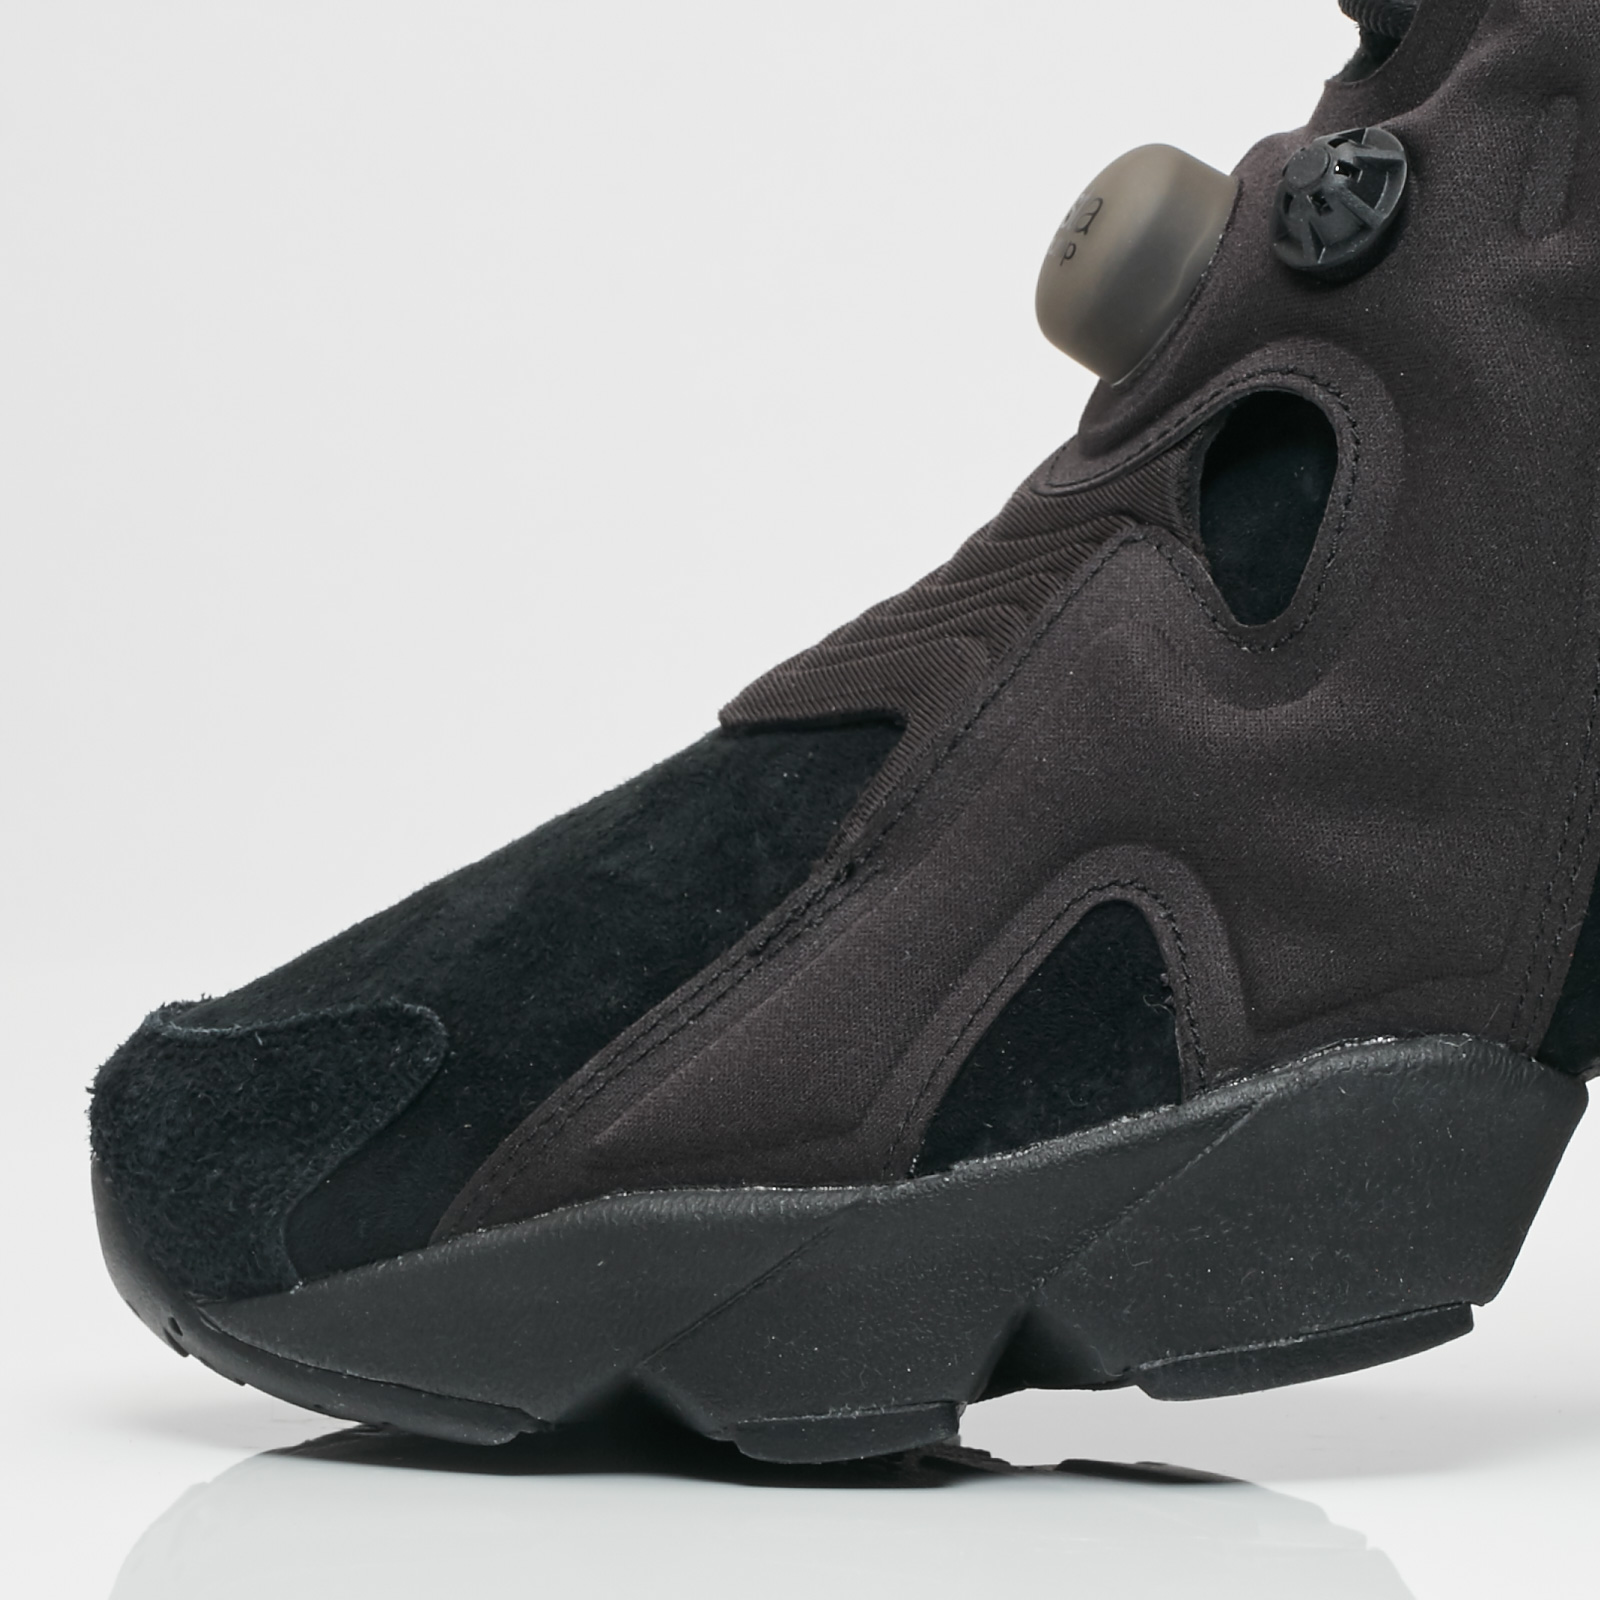 Reebok Furikaze x Future - Bs7420 - Sneakersnstuff  09ad16a55